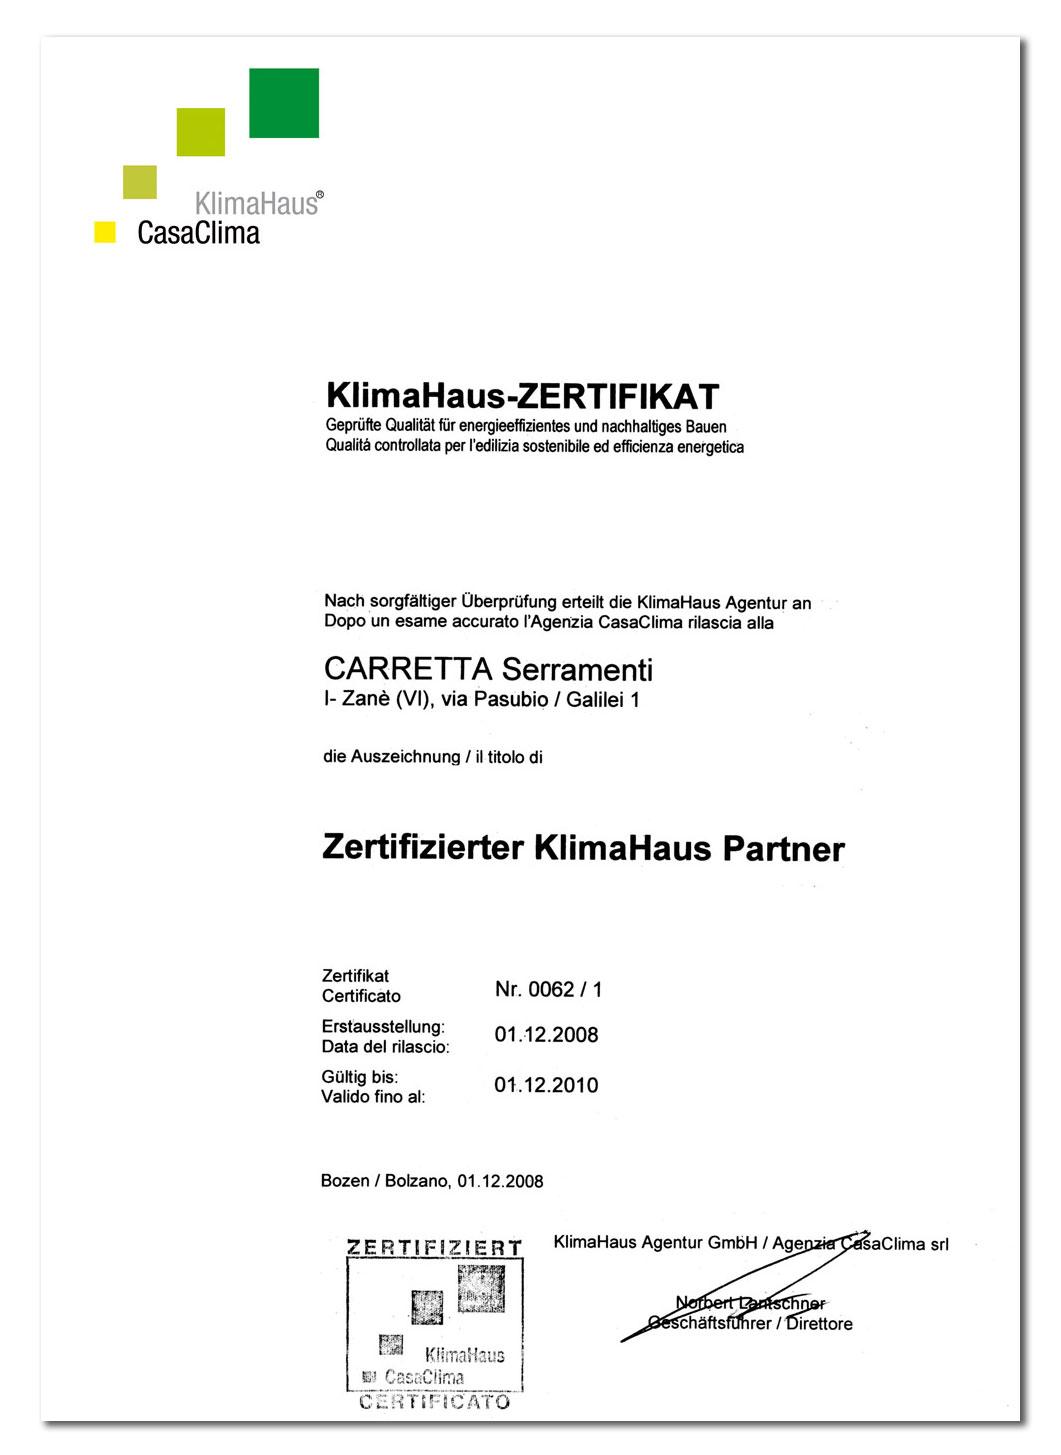 Carretta Serramenti Certificazione CasaClima KlimaHaus